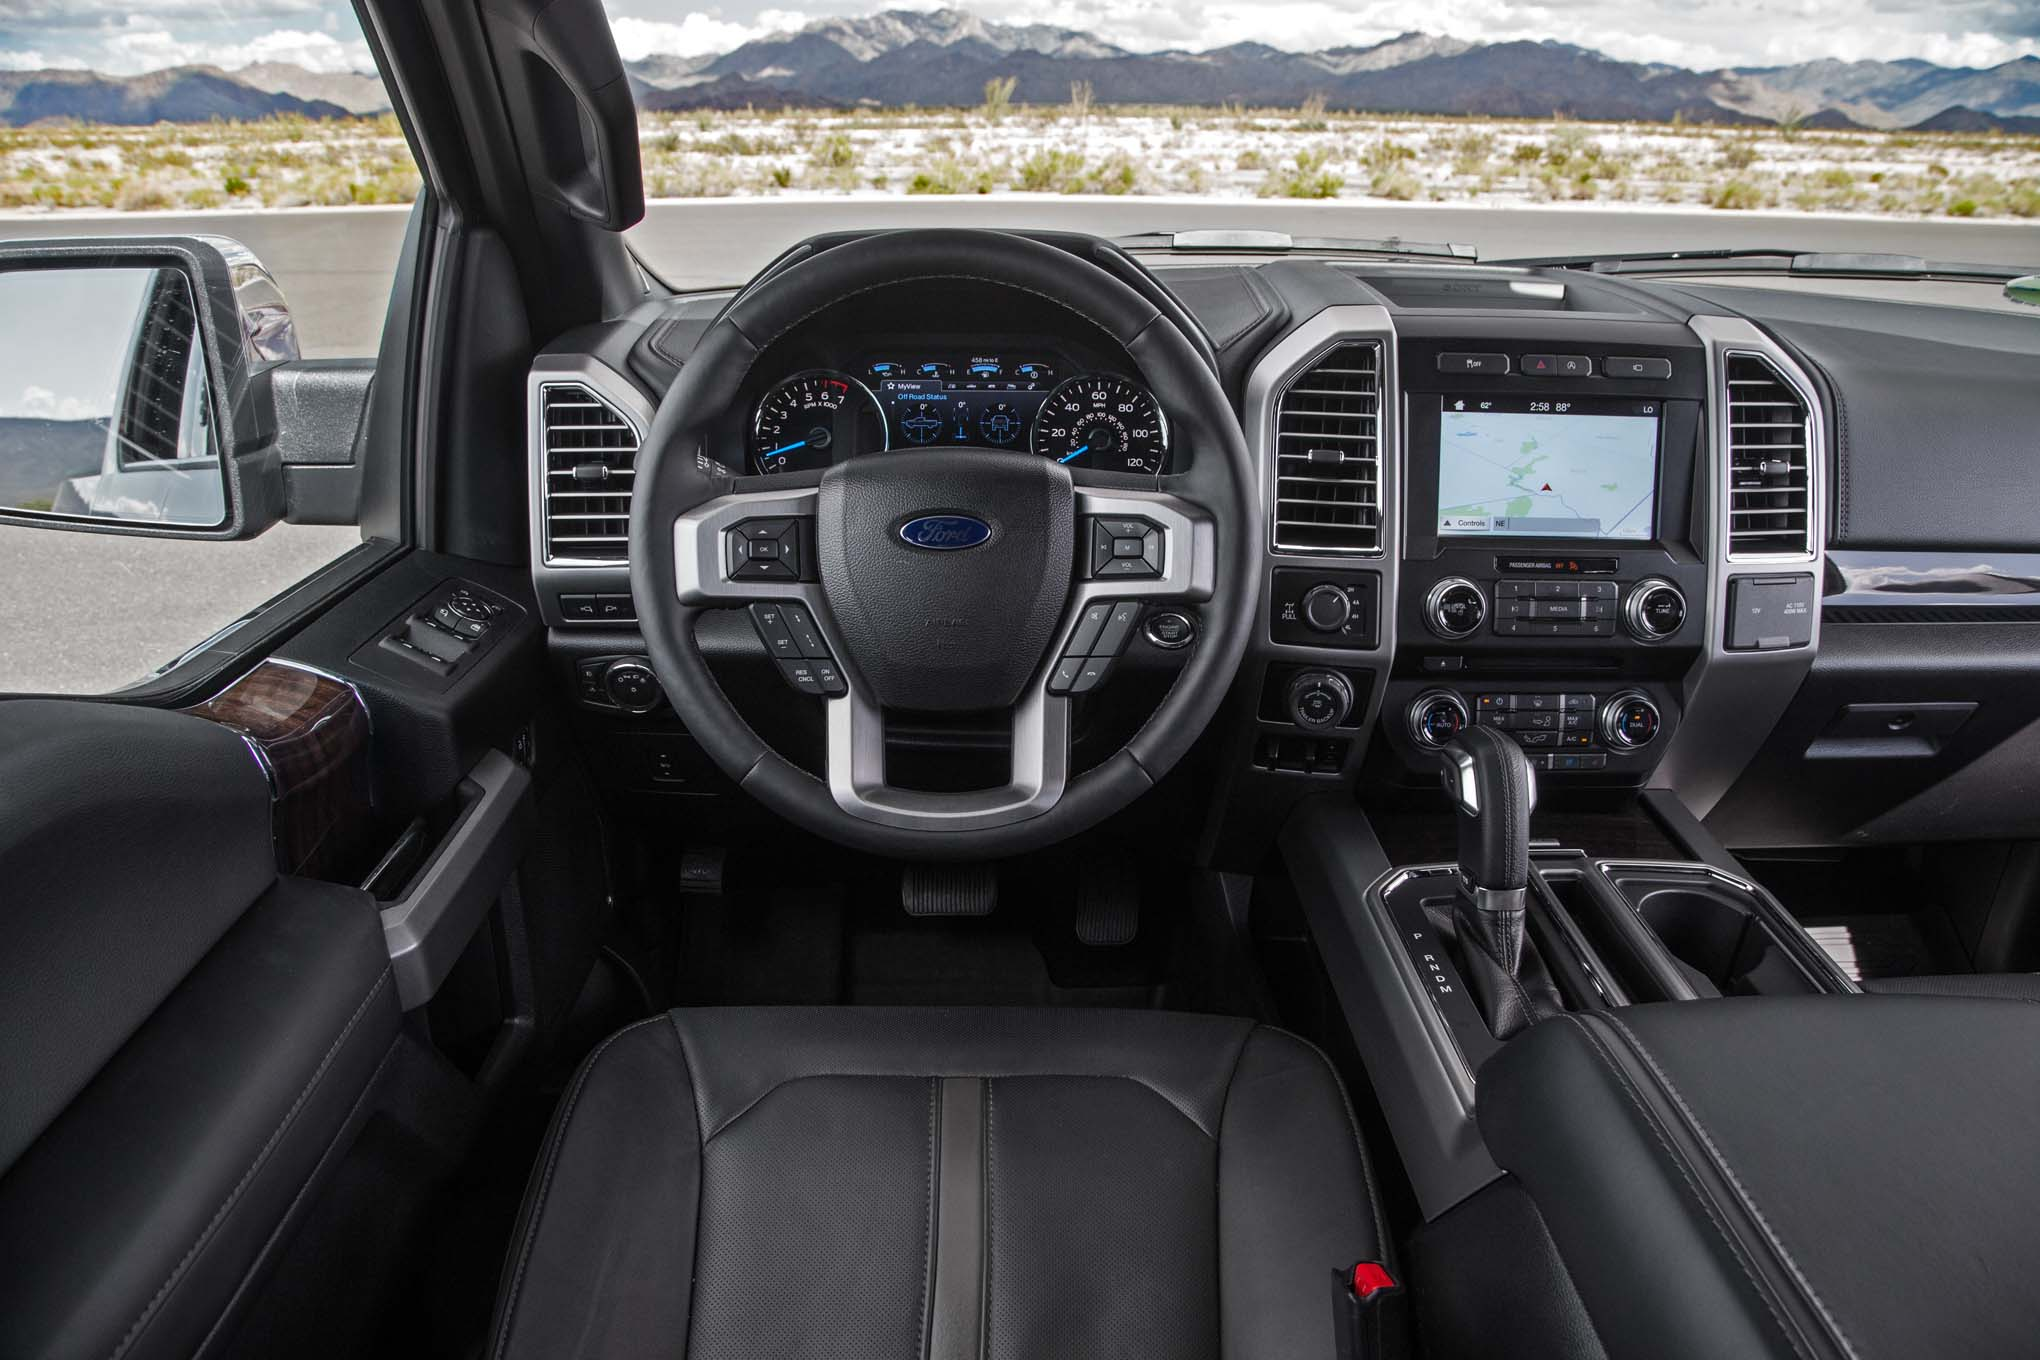 2017 ford f 150 platinum 4x4 ecoboost cockpit 90 motor trend en espa ol. Black Bedroom Furniture Sets. Home Design Ideas